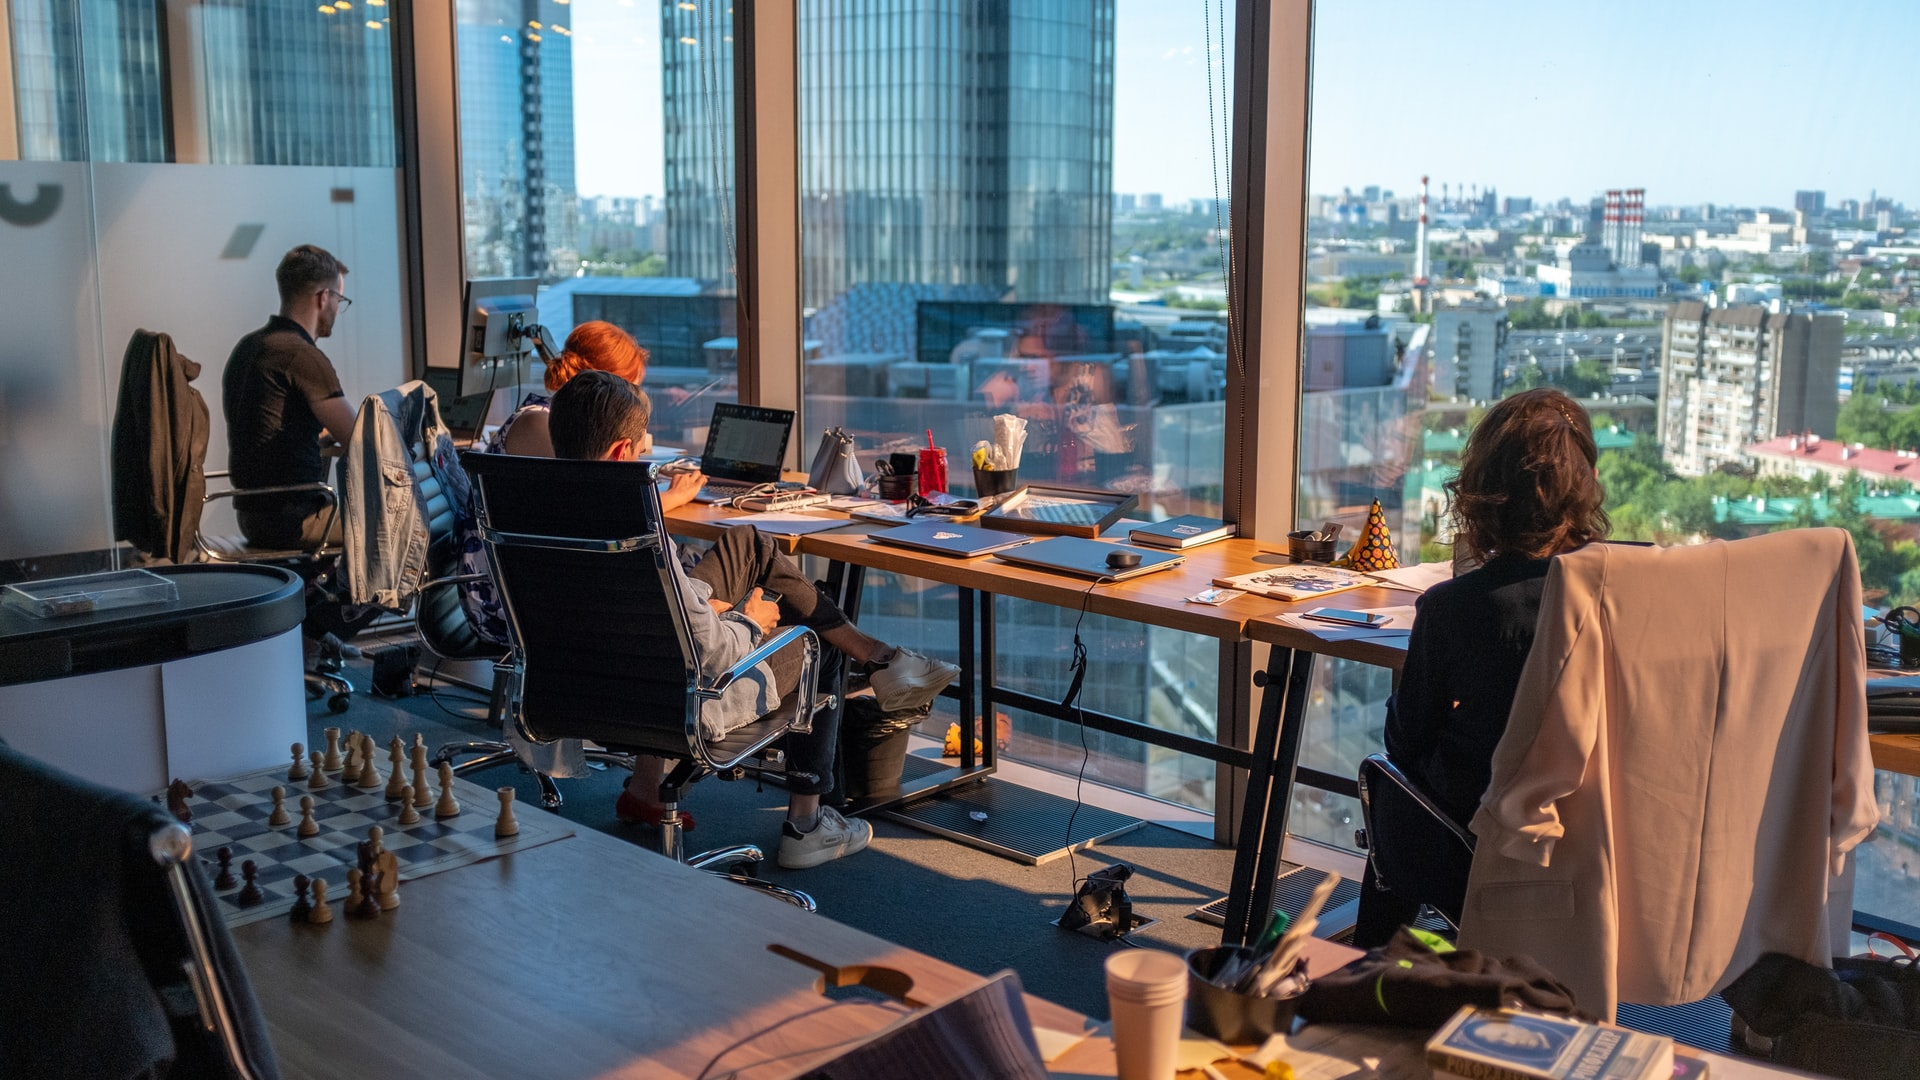 Sid ordentligt med en ny kontorstol